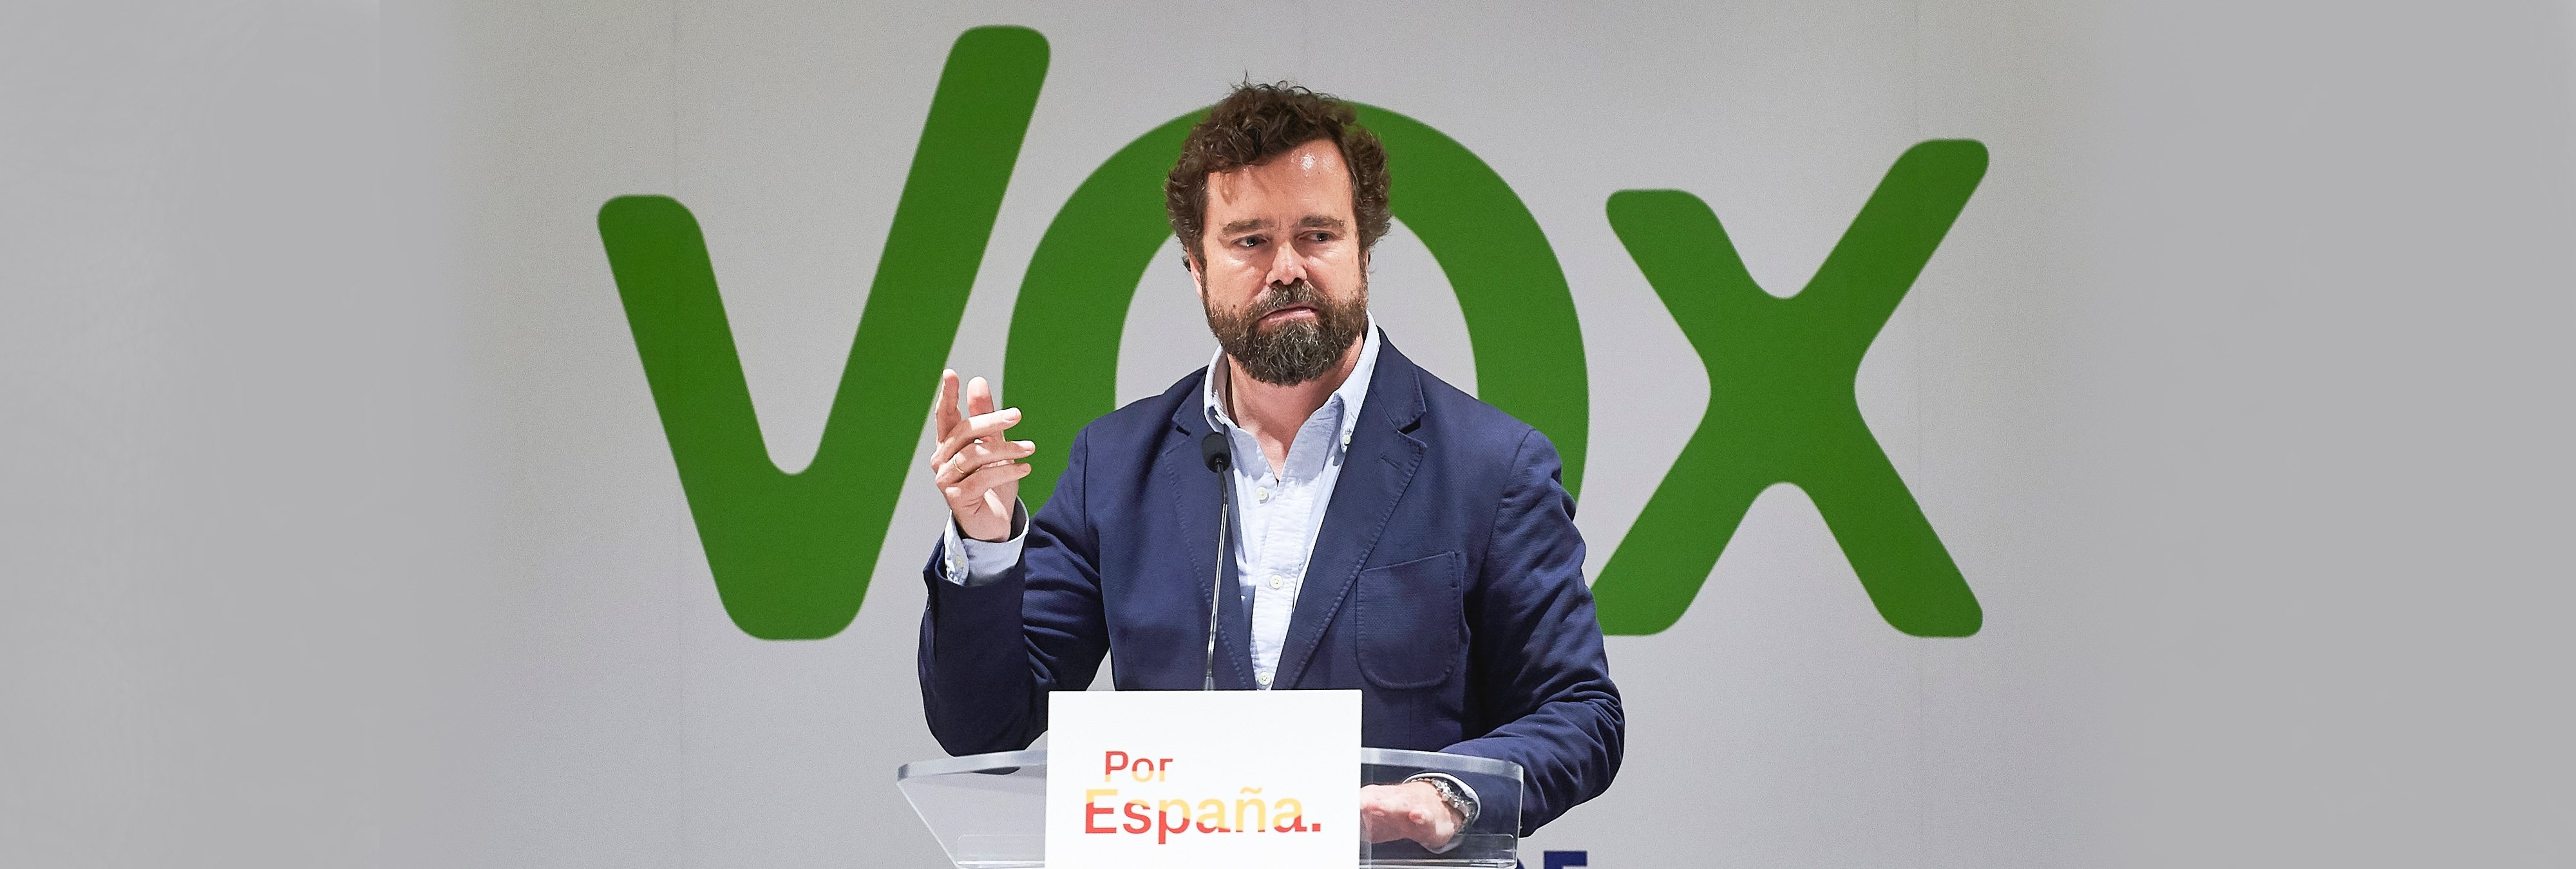 VOX afirma que Ciudadanos apoyó sus pactos municipales con el PP